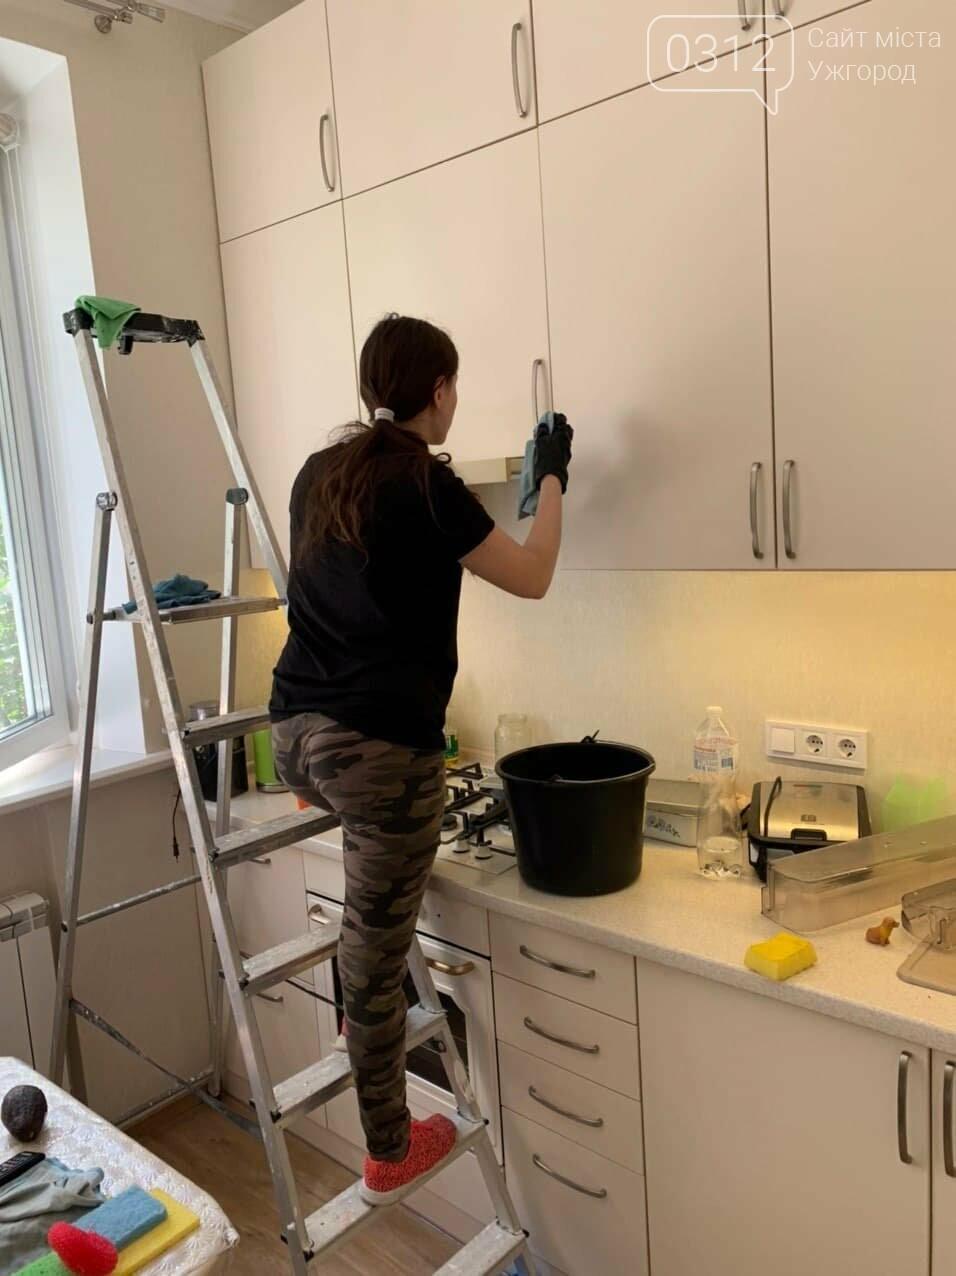 Прибирання будинку на професійному рівні, фото-3